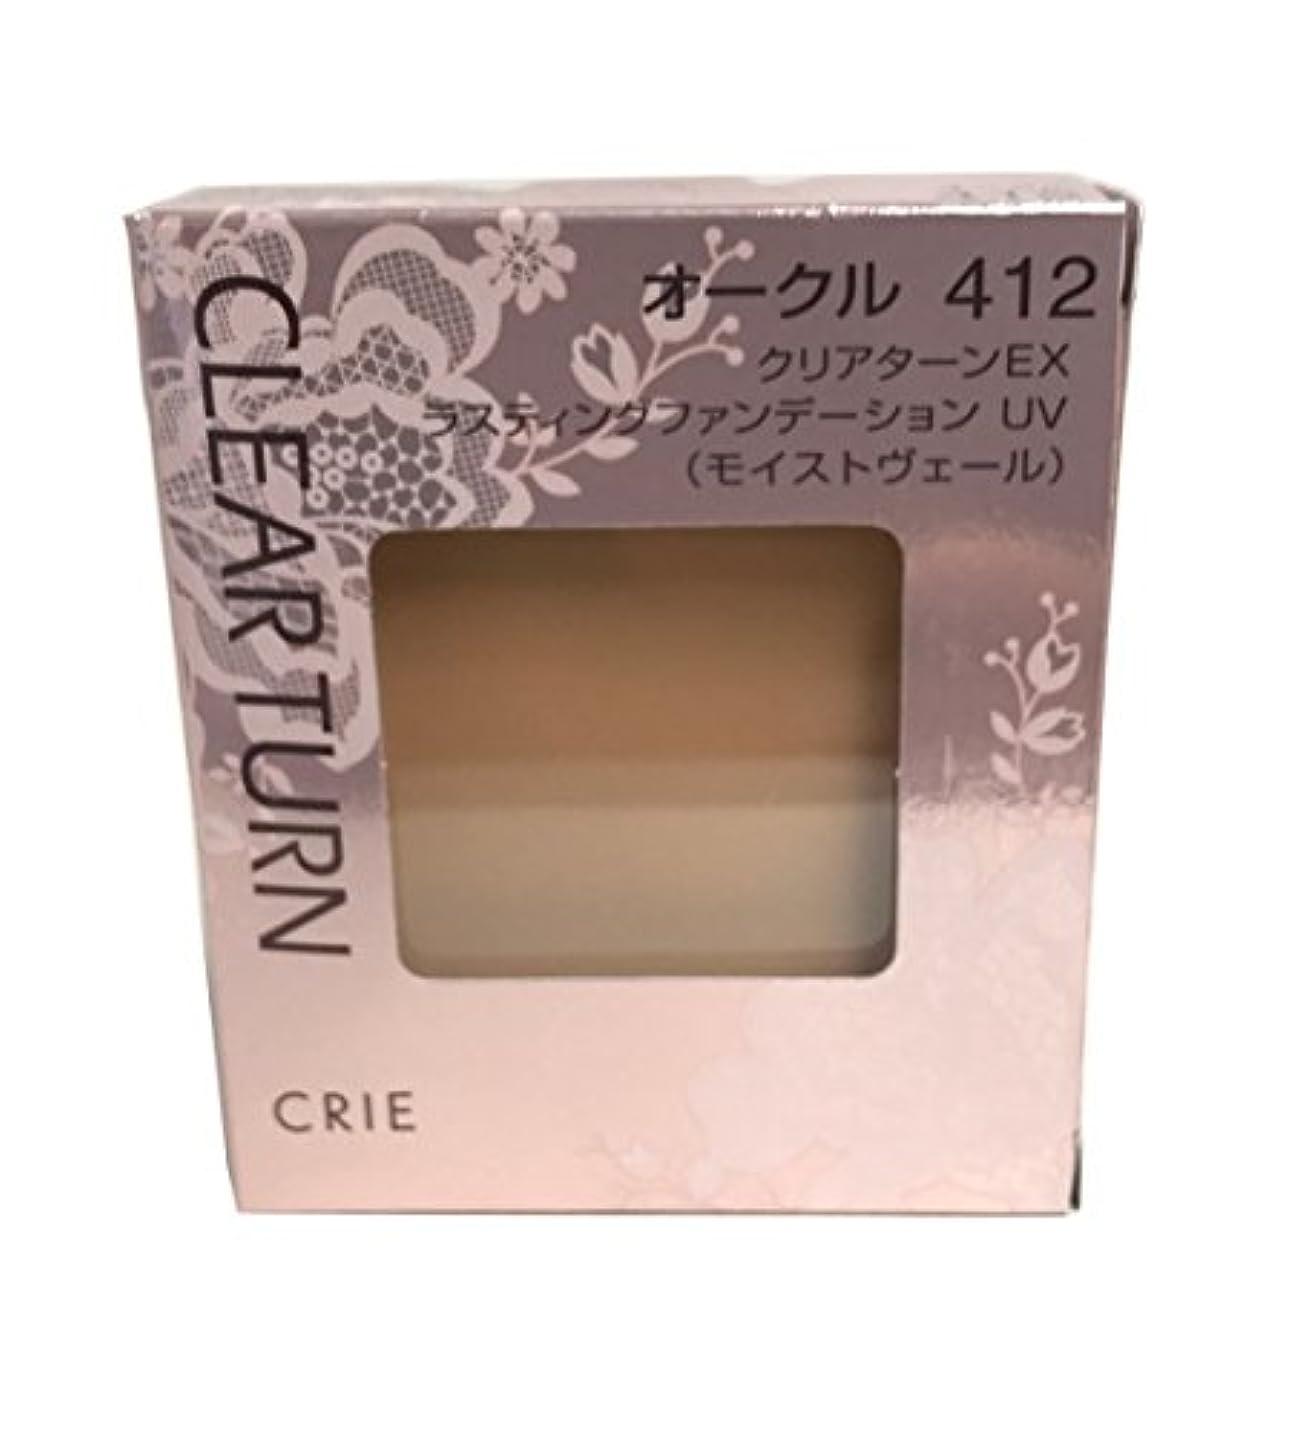 代わって浴室合金クリエ(CRIE) クリアターンEX ラスティングファンデーション UV (モイストヴェール) #412 オークル 9.5g